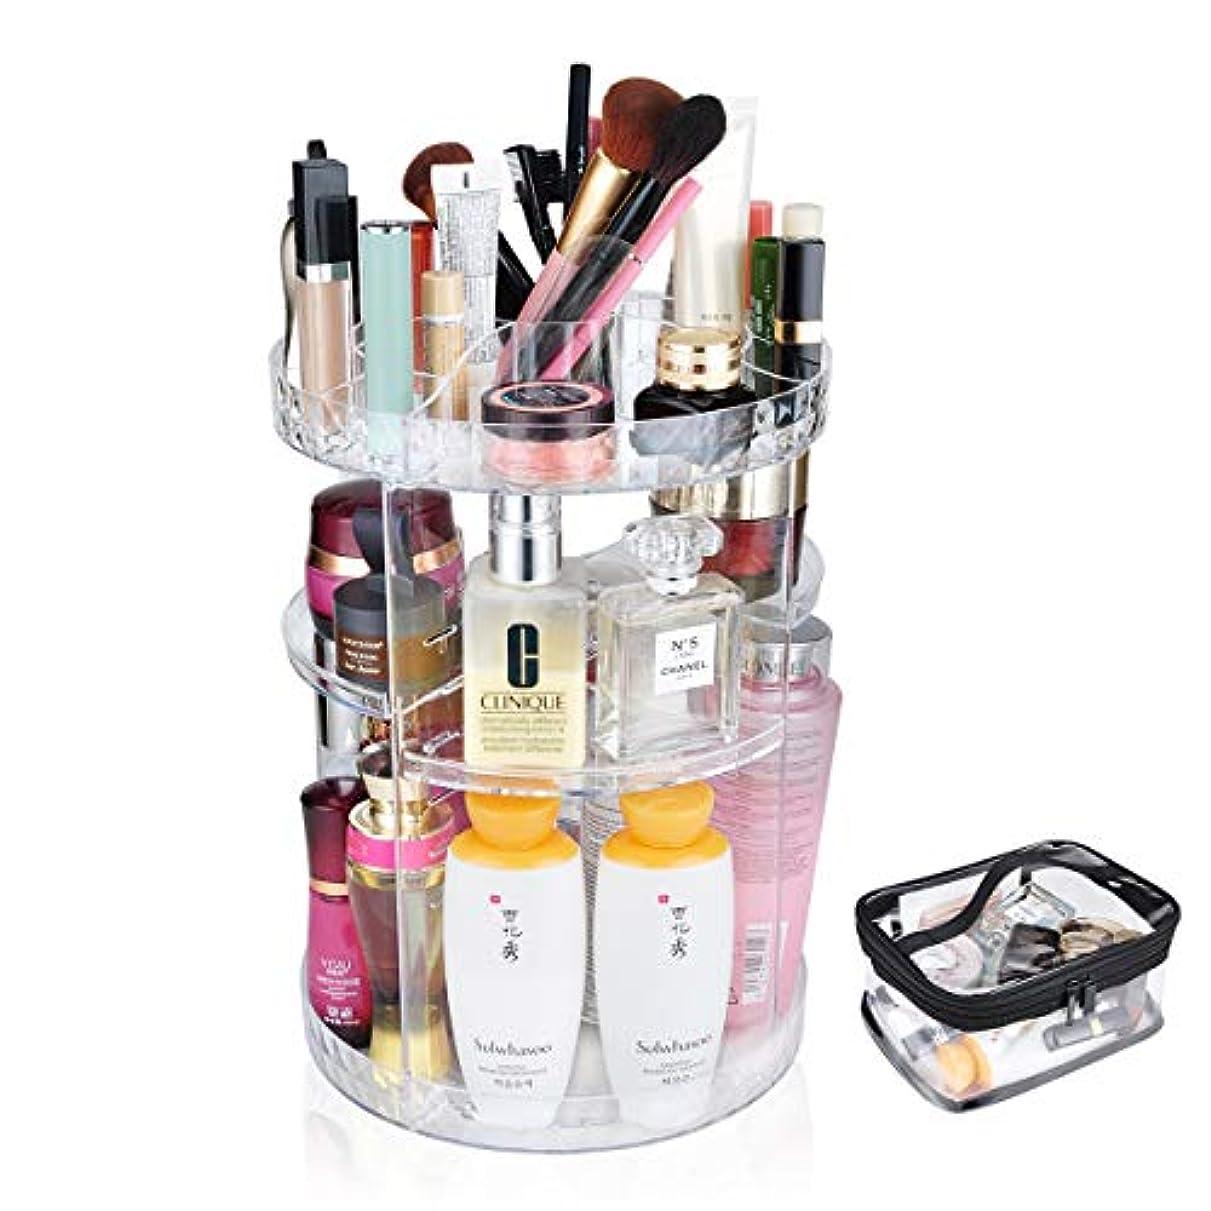 練るゆるくオーロック化粧品収納ボックス 360度回転コスメボックス コスメ収納ラックスタンド整理 大容量透明メイクボックス